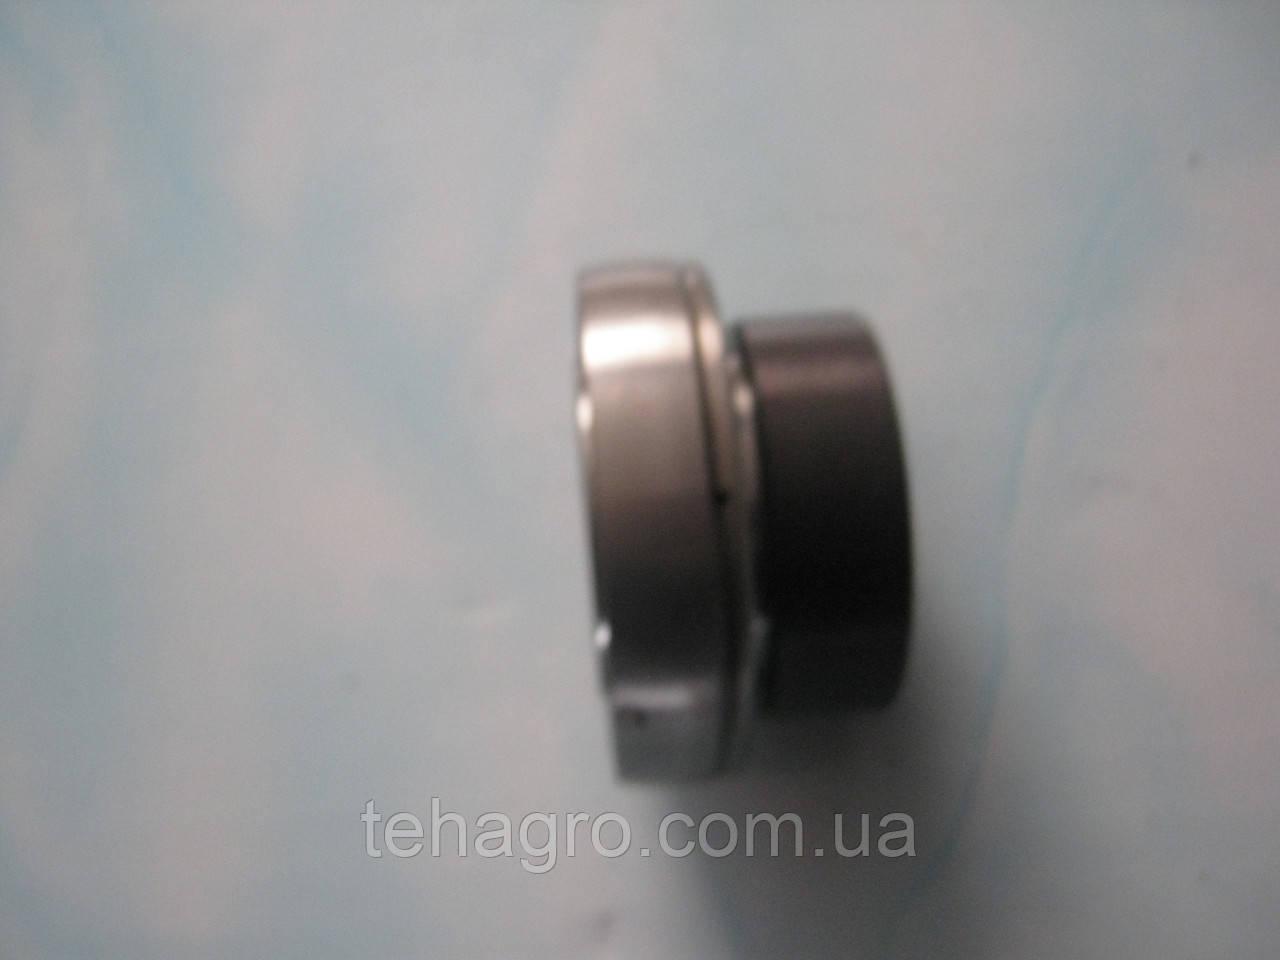 Підшипник SA 207 (EC 207 дистанційне кільце ) (CX)